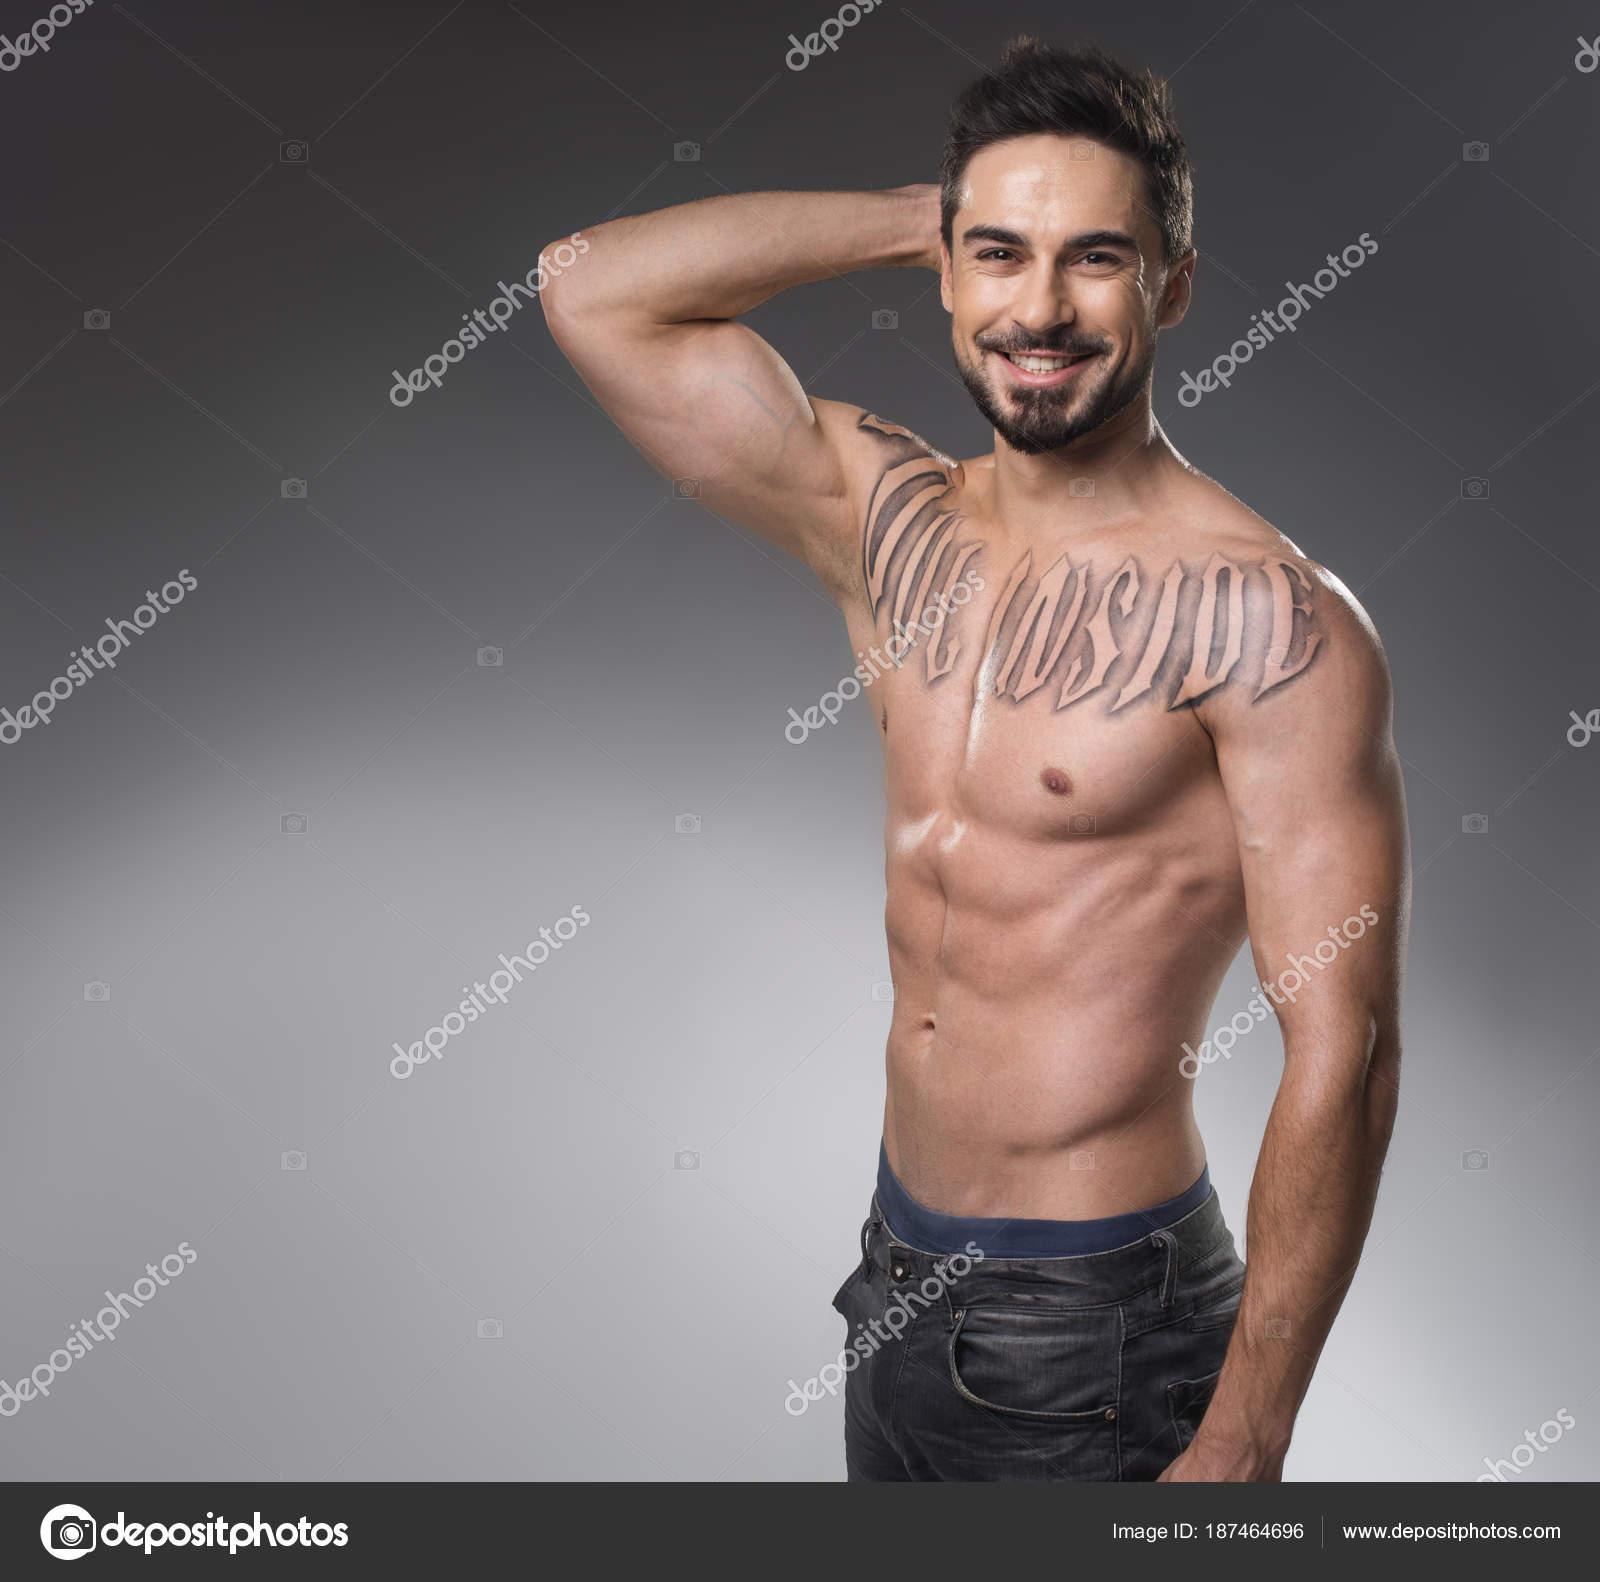 Modelli maschili in posa nuda